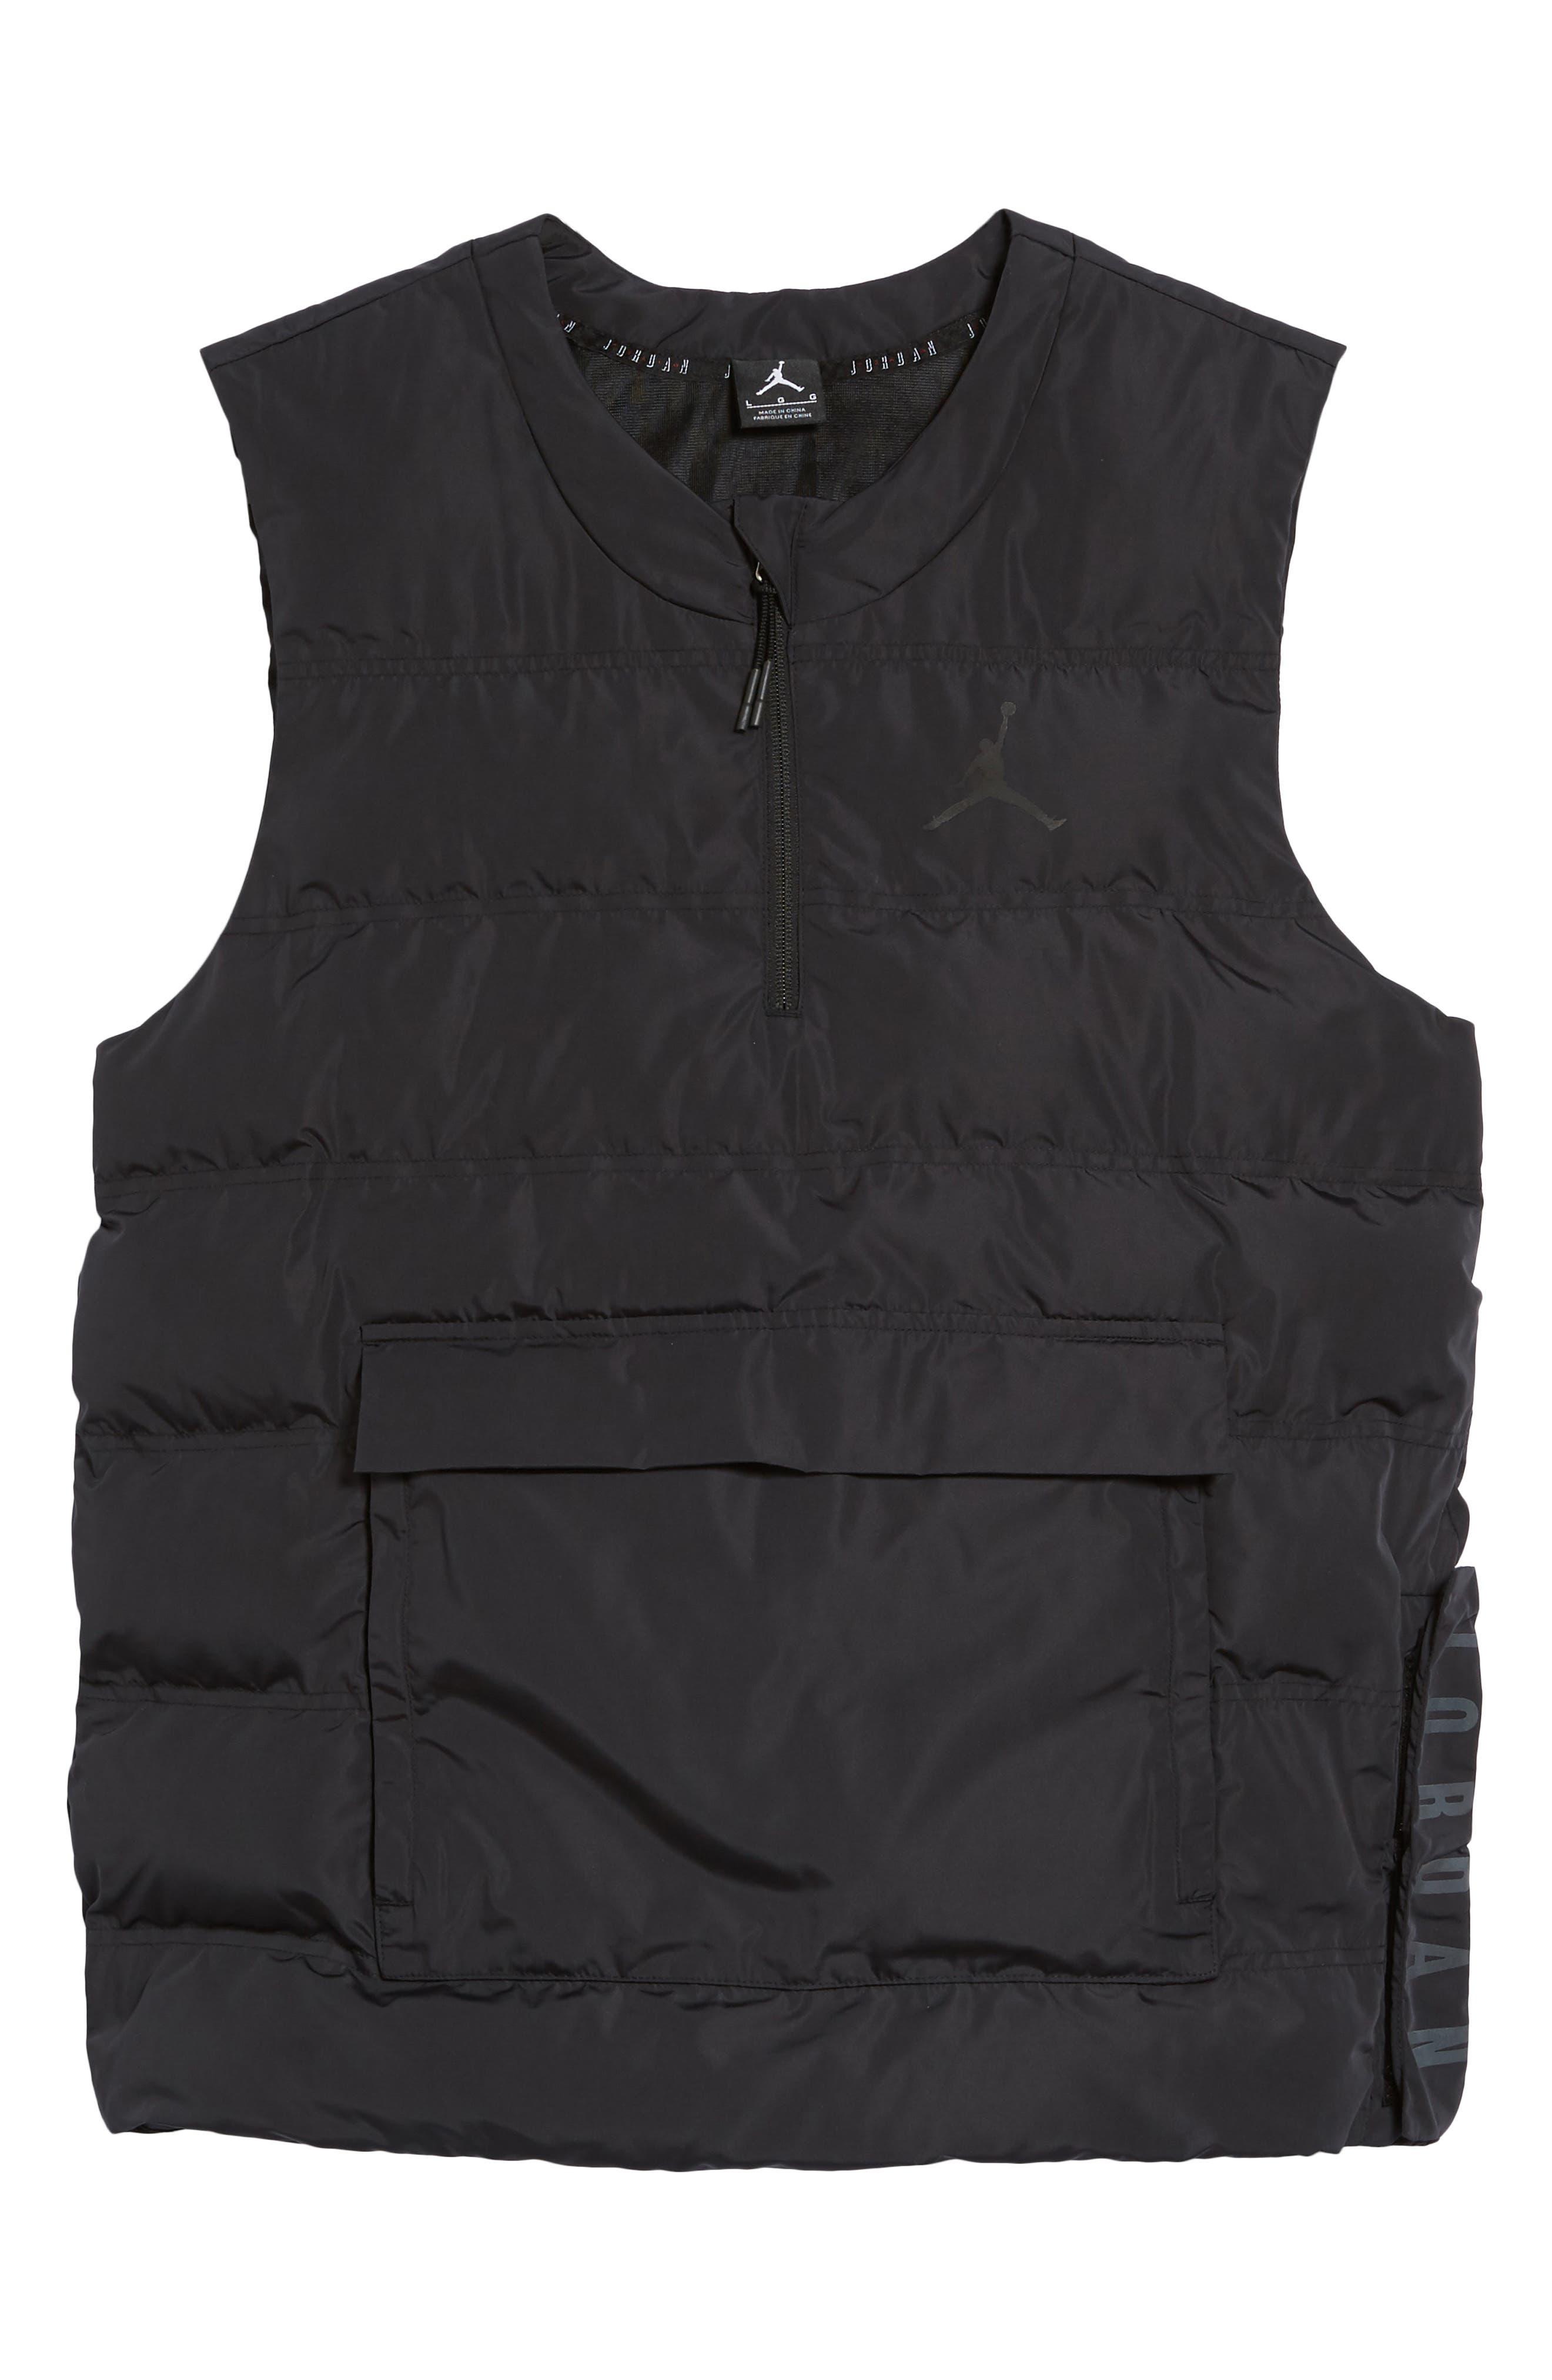 23 Tech Vest,                             Alternate thumbnail 6, color,                             Black